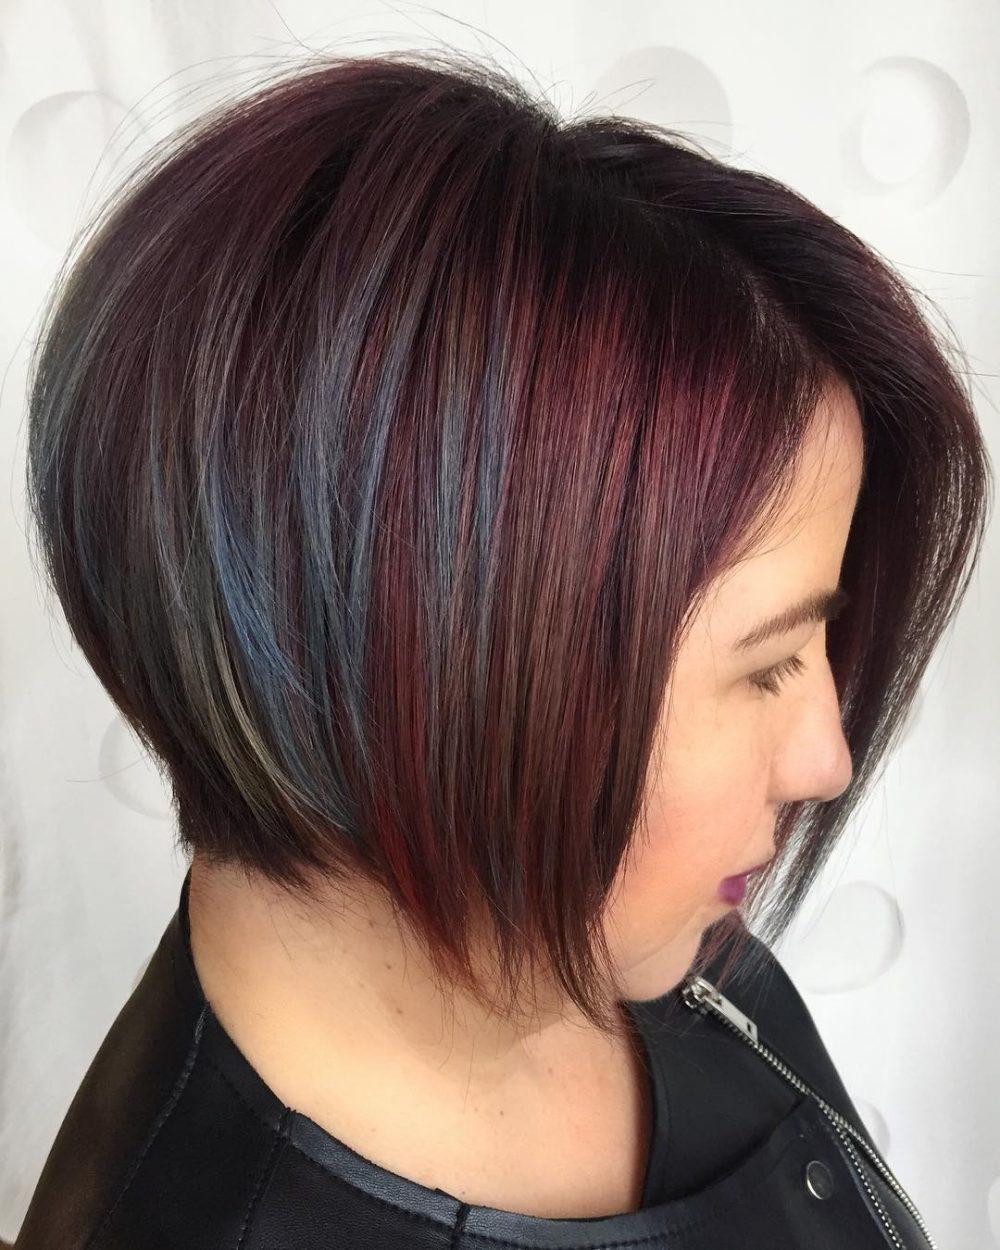 بالصور قصات شعر متوسط , لمحبات الشعر متوسط الطول اليكي احدث التسريحات 2846 6